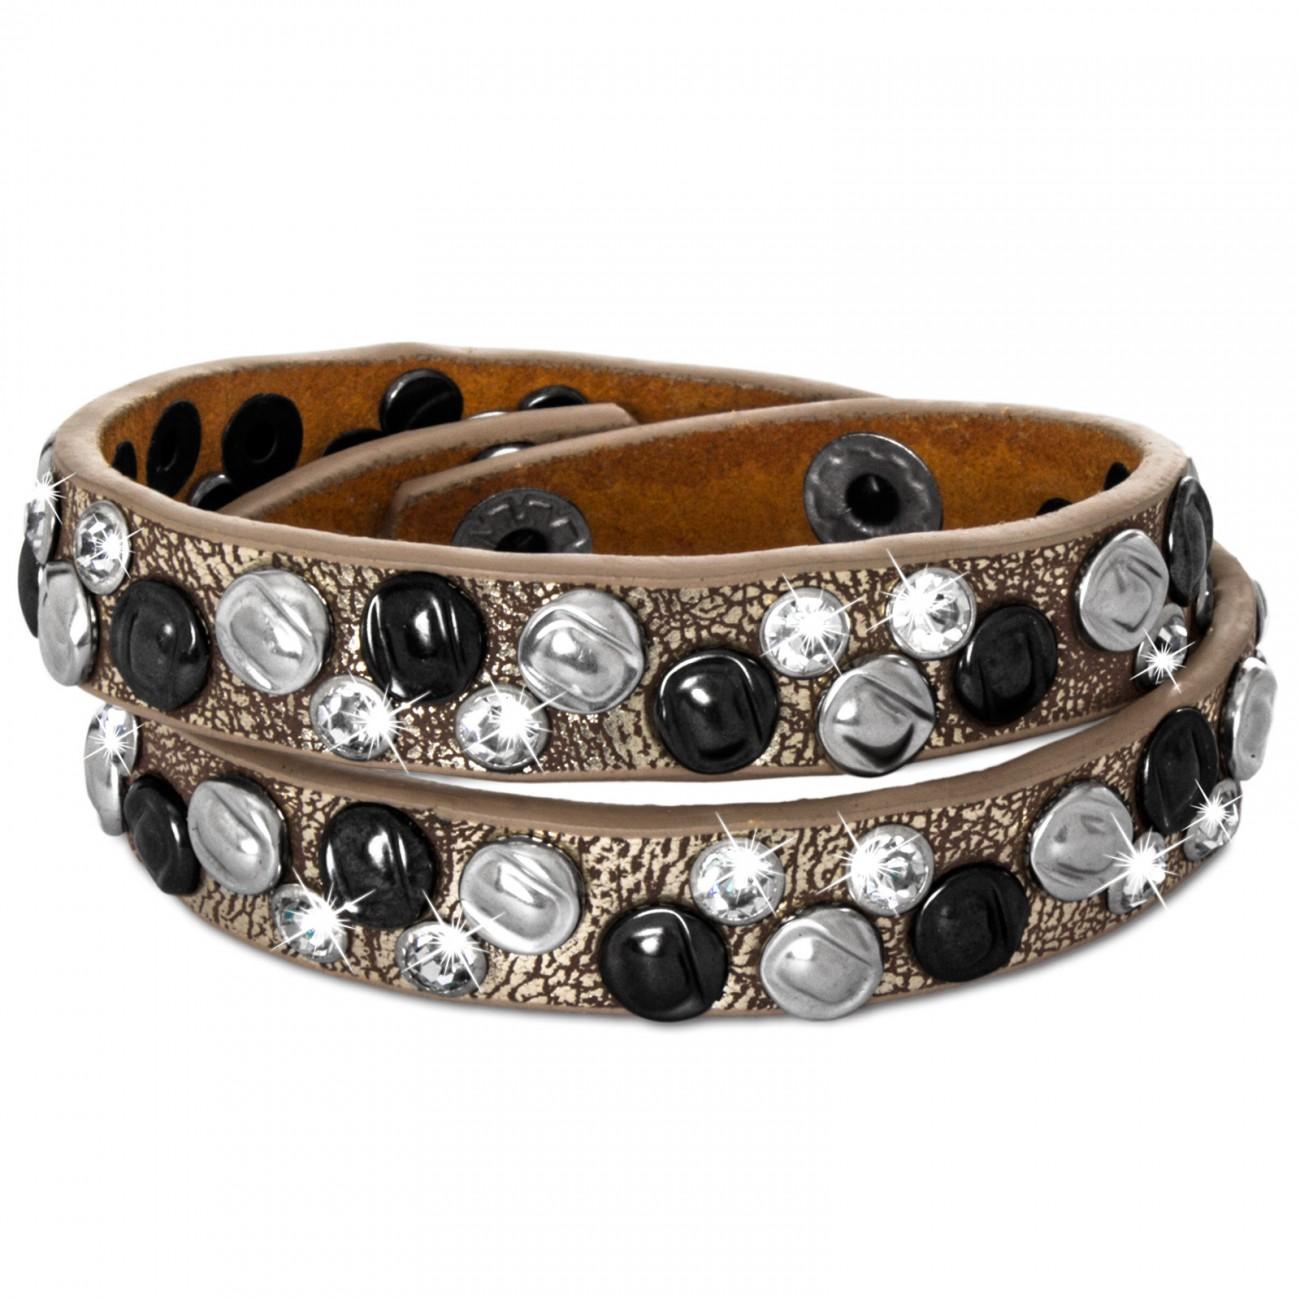 Caspar damen armband stiefelband stiefelschmuck mit for Stylischer design couchtisch orbit 85 cm kupfer schwarz